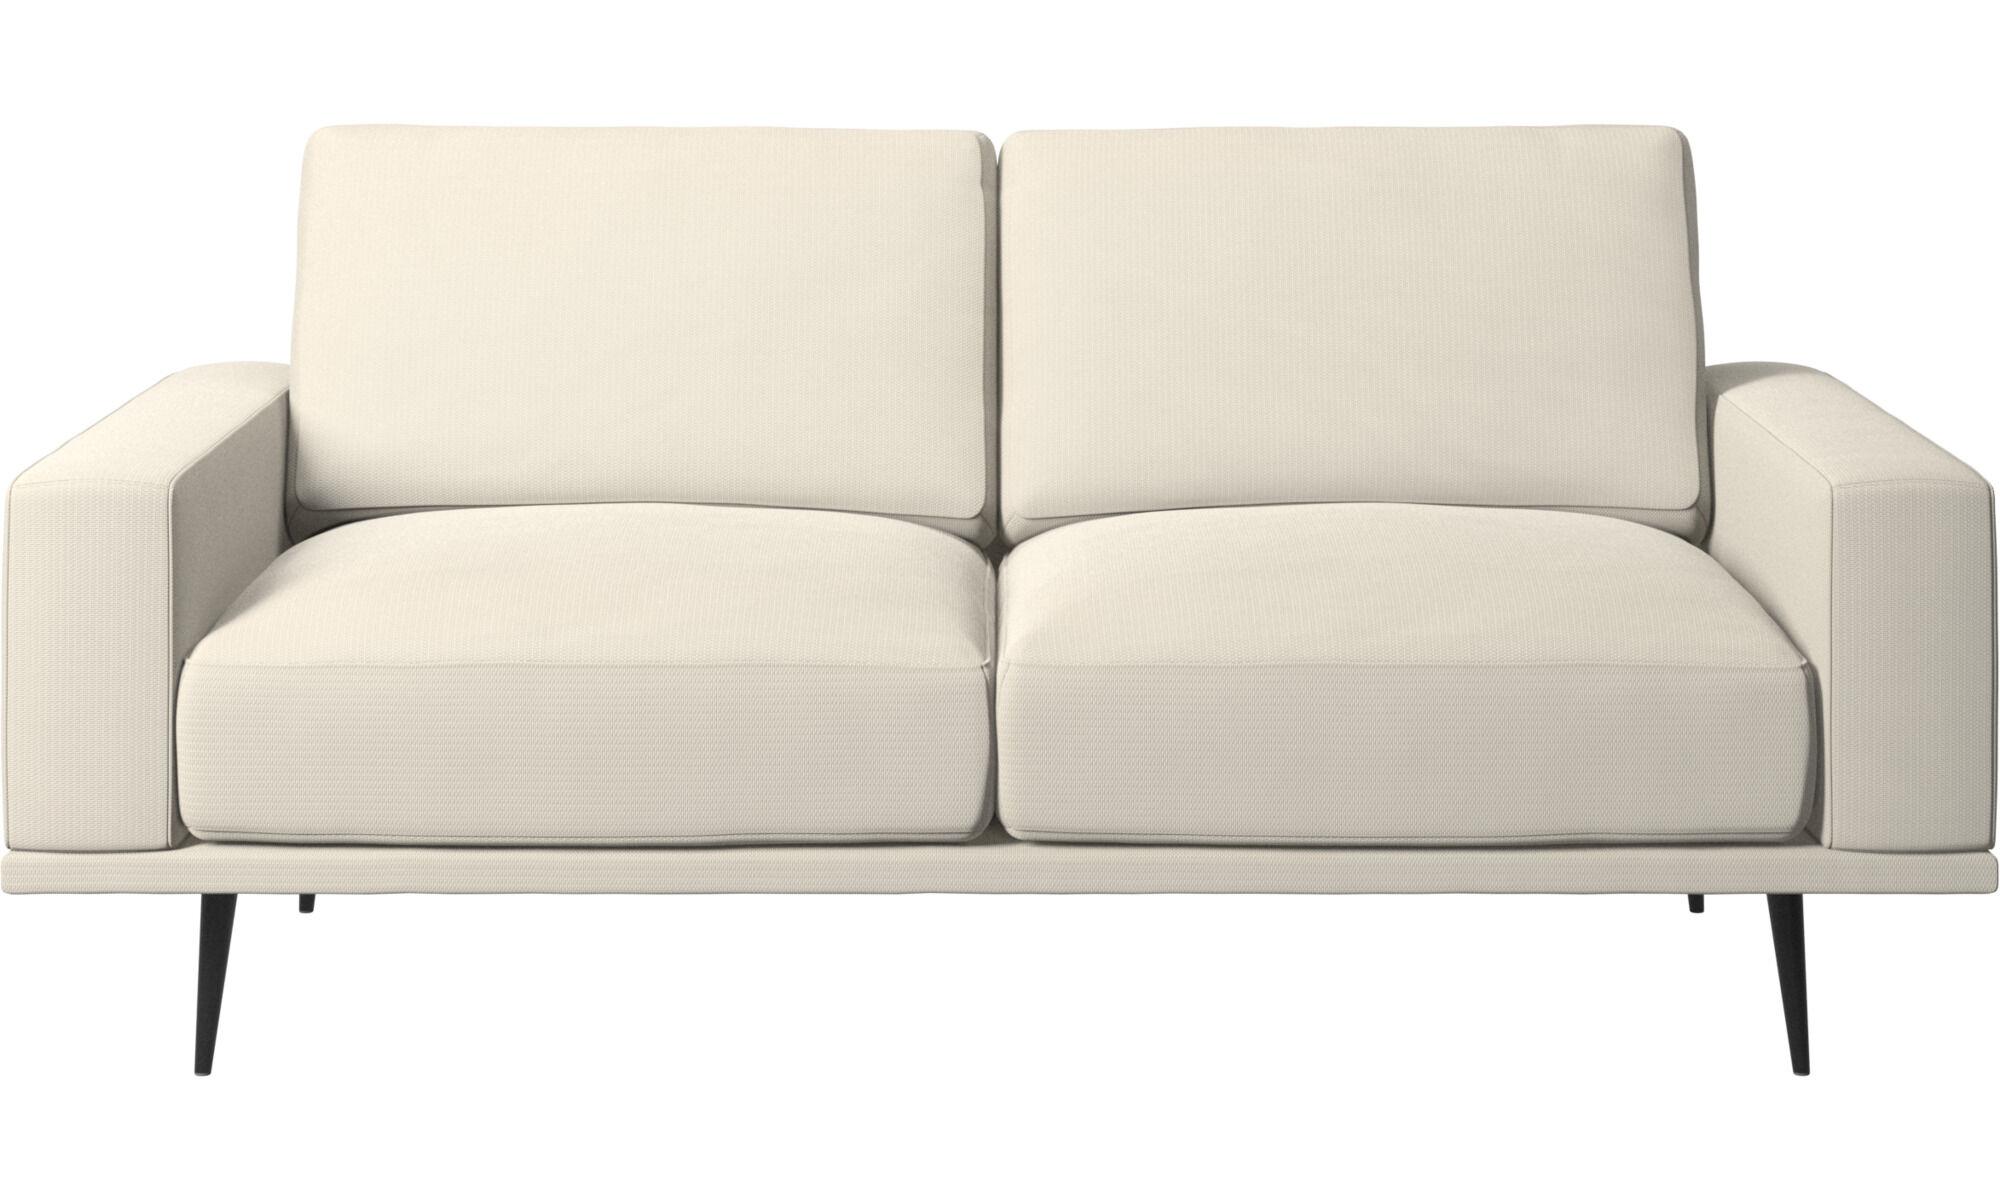 Unsere Neuheiten   Carlton Sofa   Weiß   Stoff